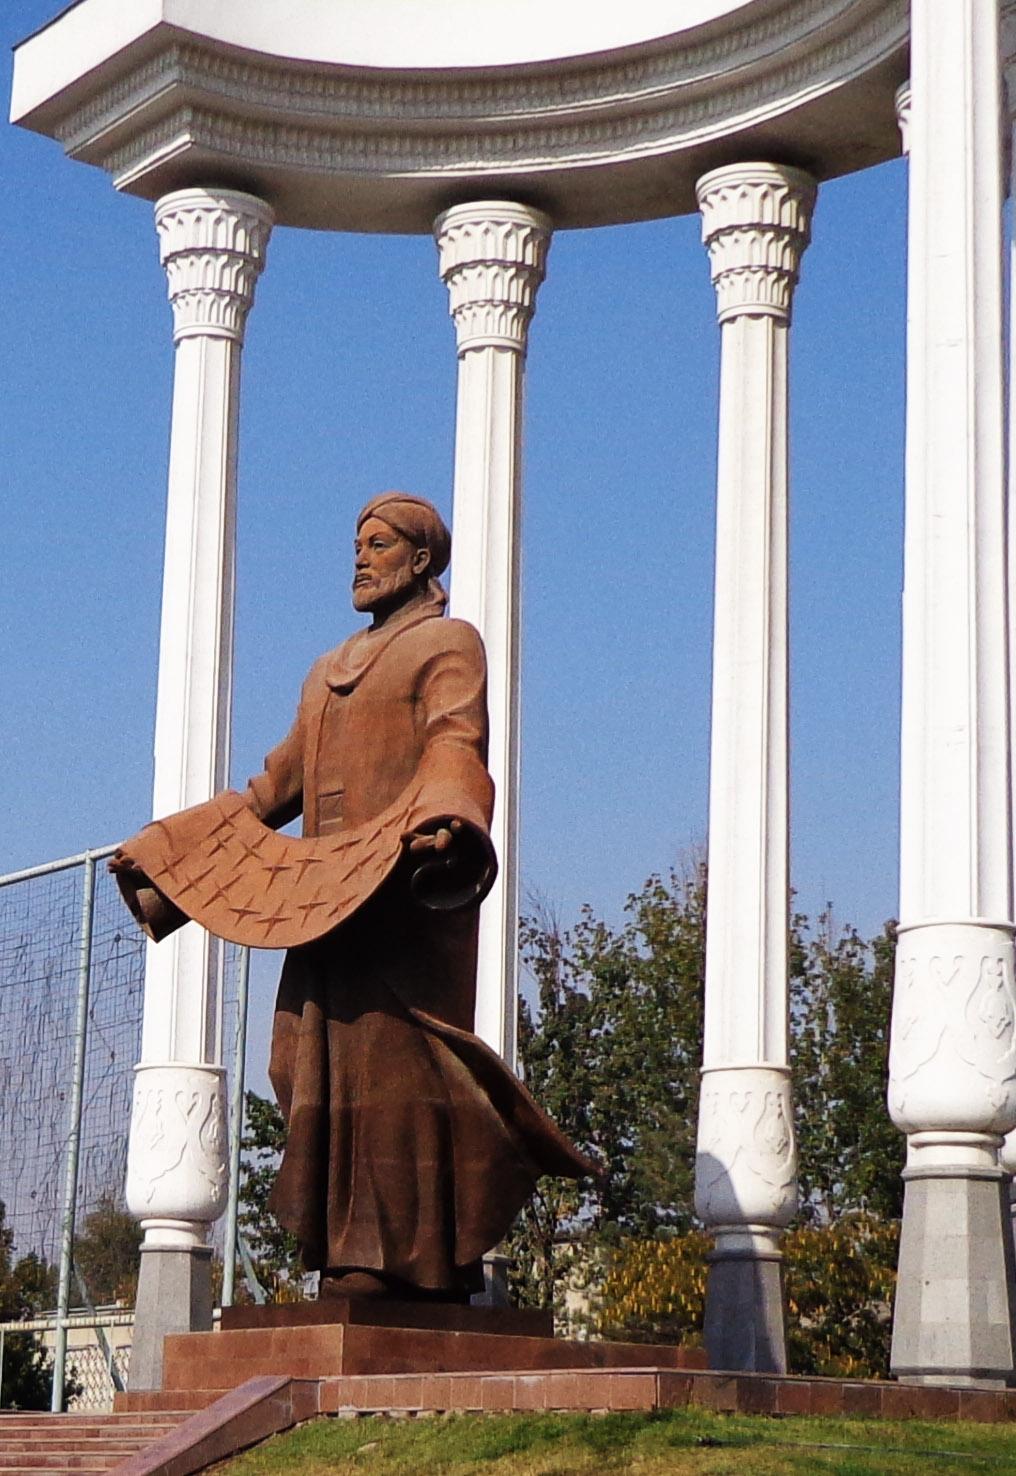 Файл Памятник Аль Фергани jpg Википедия Файл Памятник Аль Фергани jpg